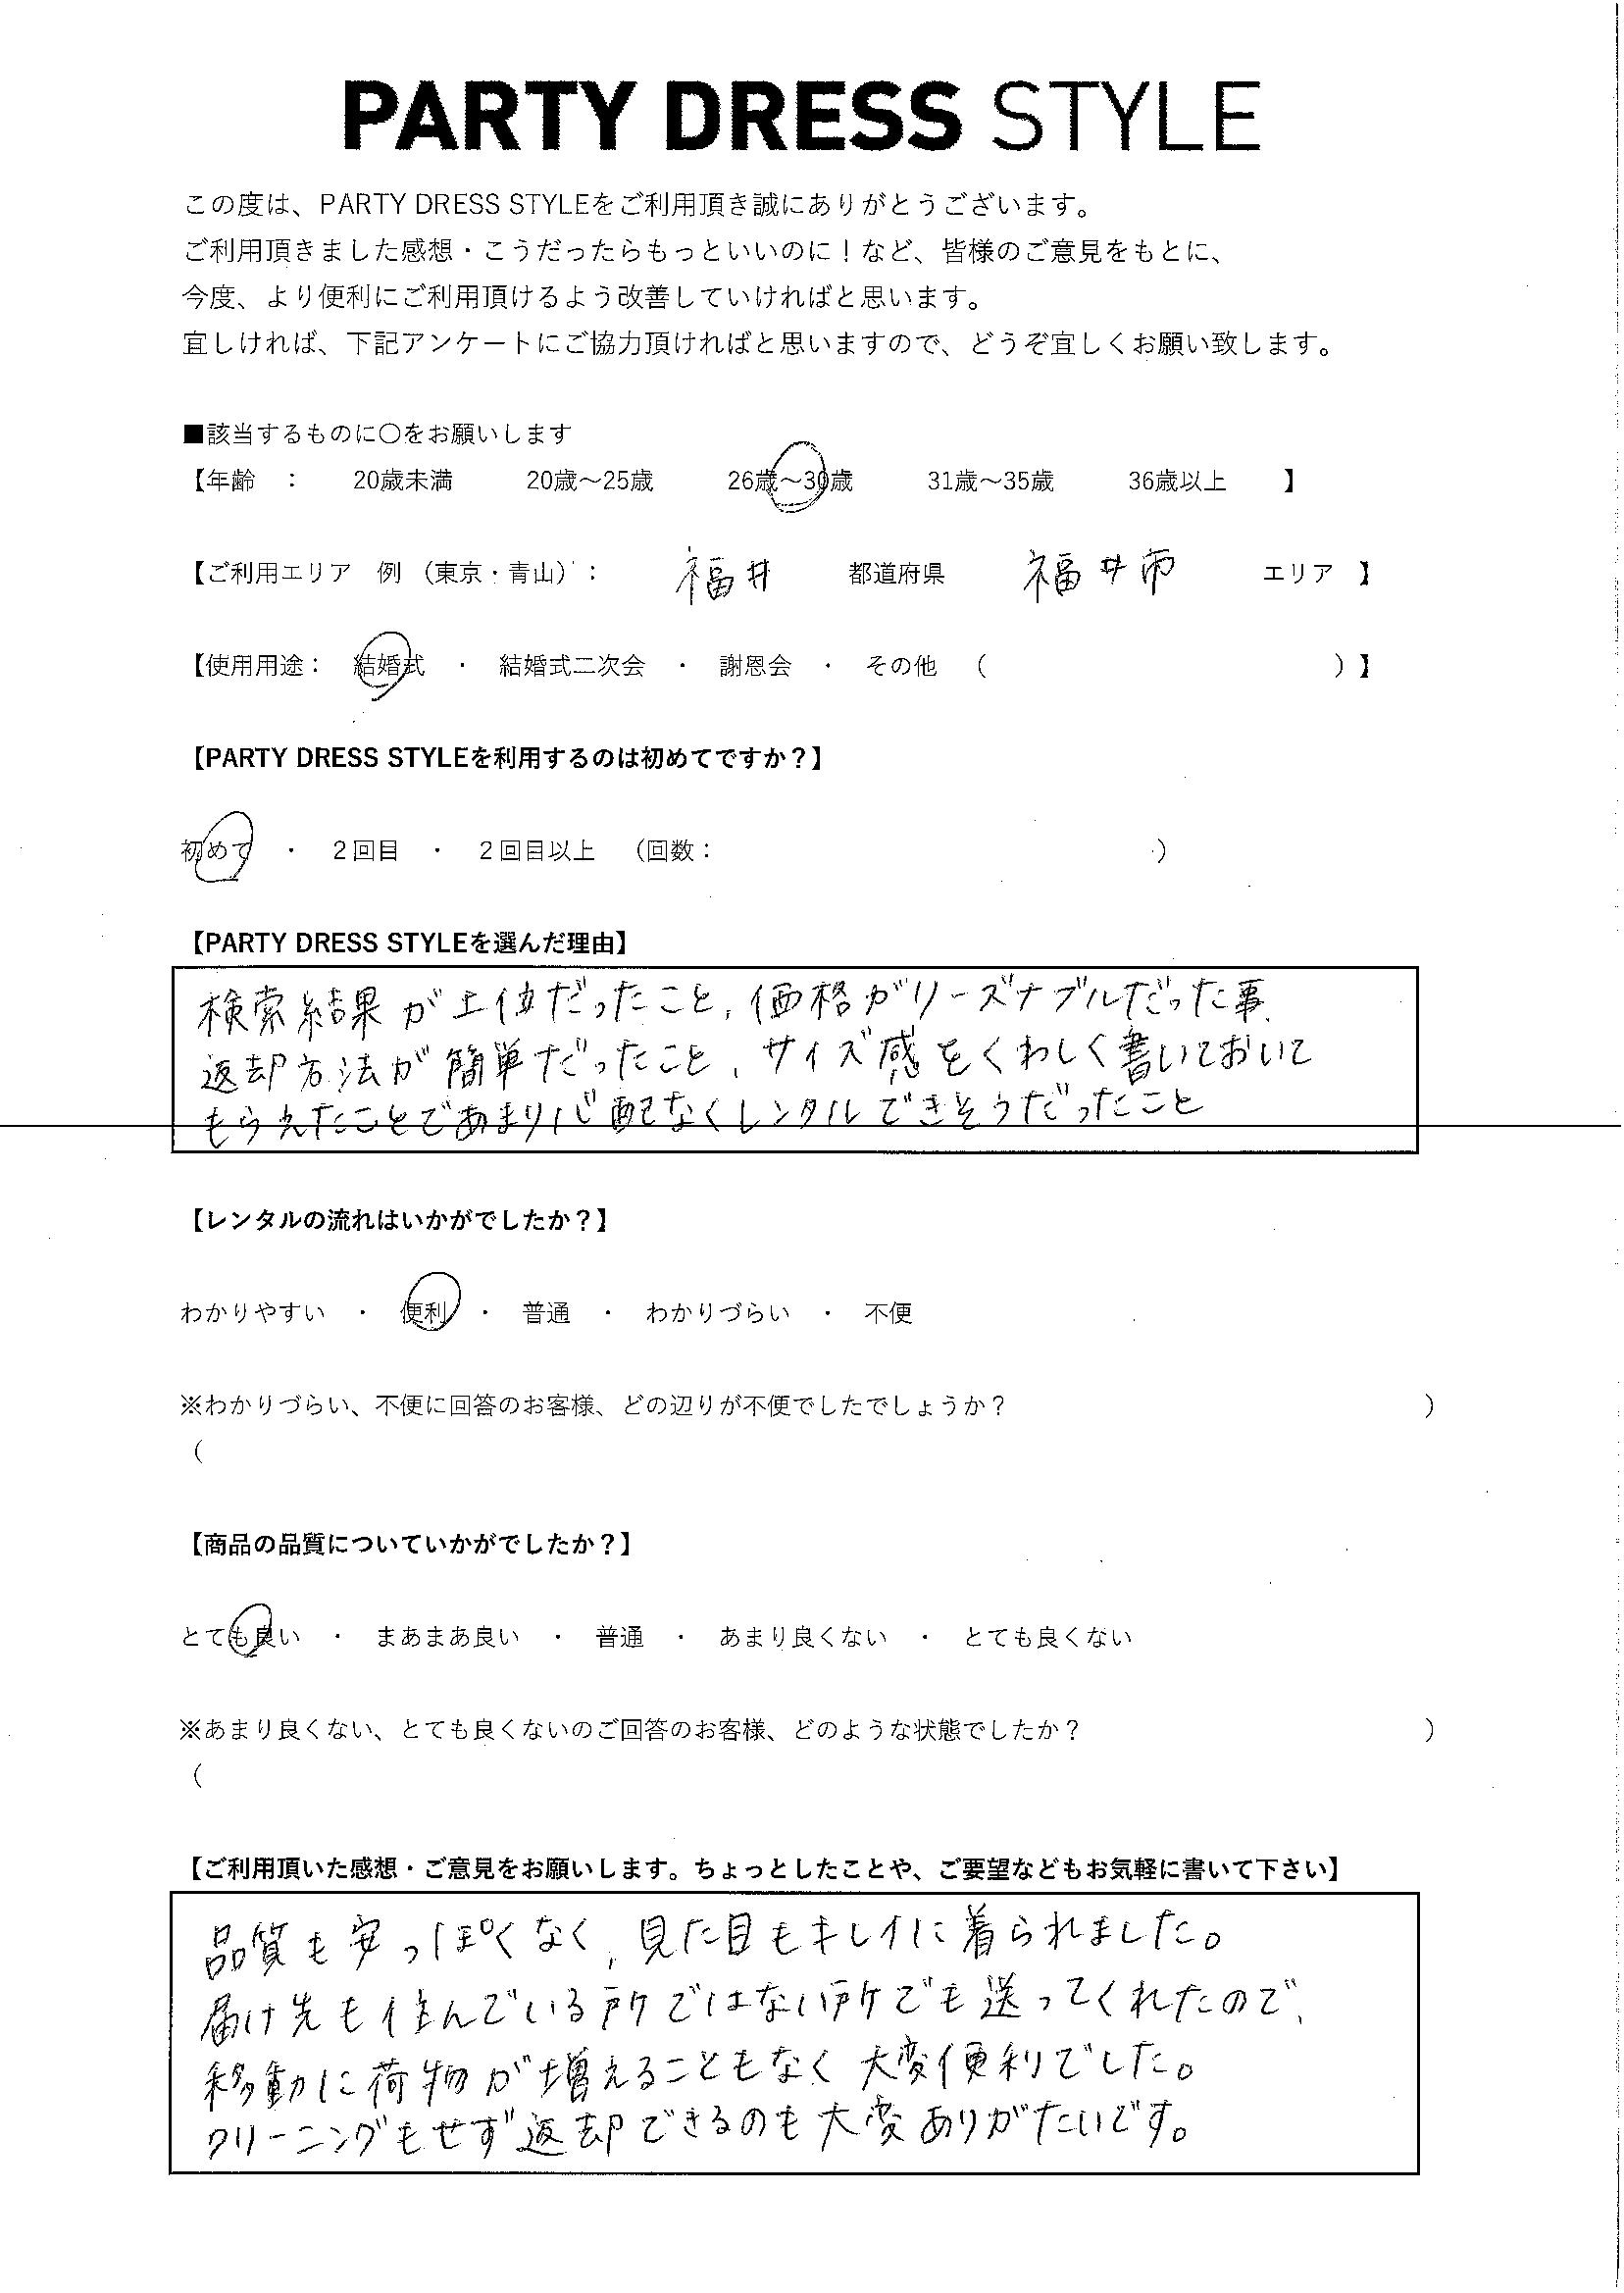 4/7 結婚式 福井・福井エリア